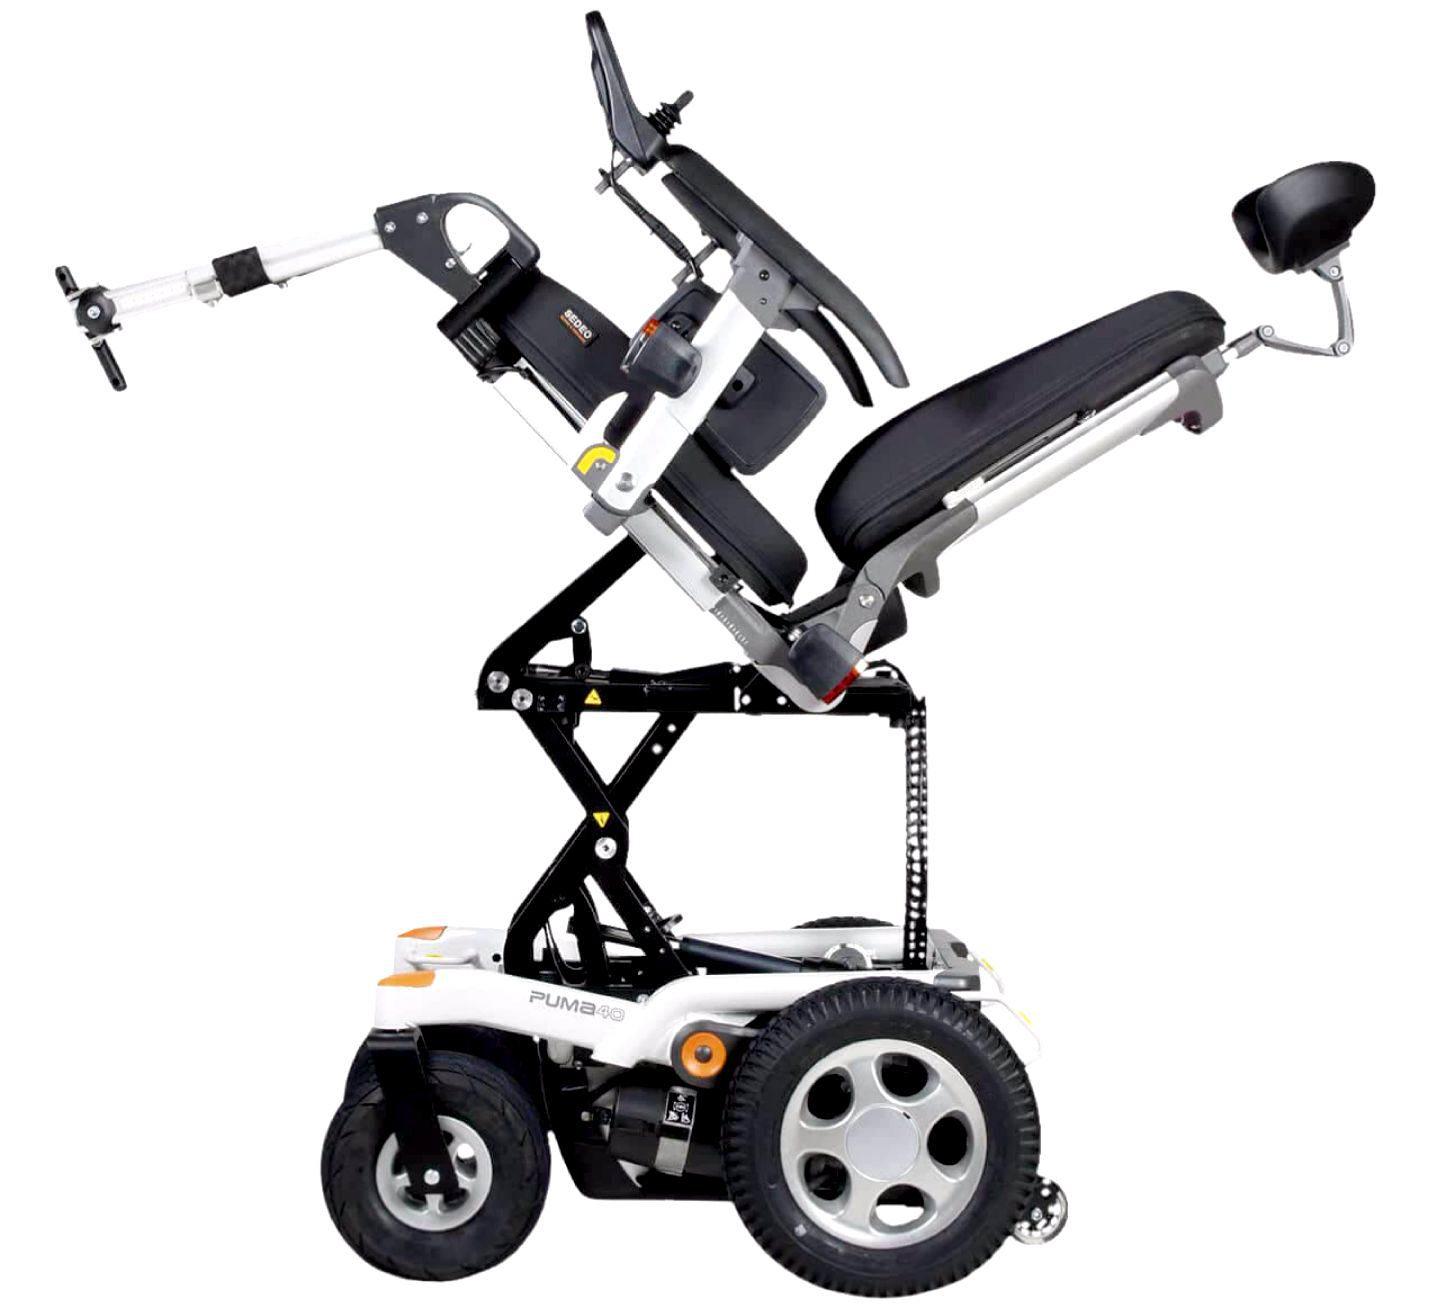 כיסא גלגלים ממונע סופר פומה